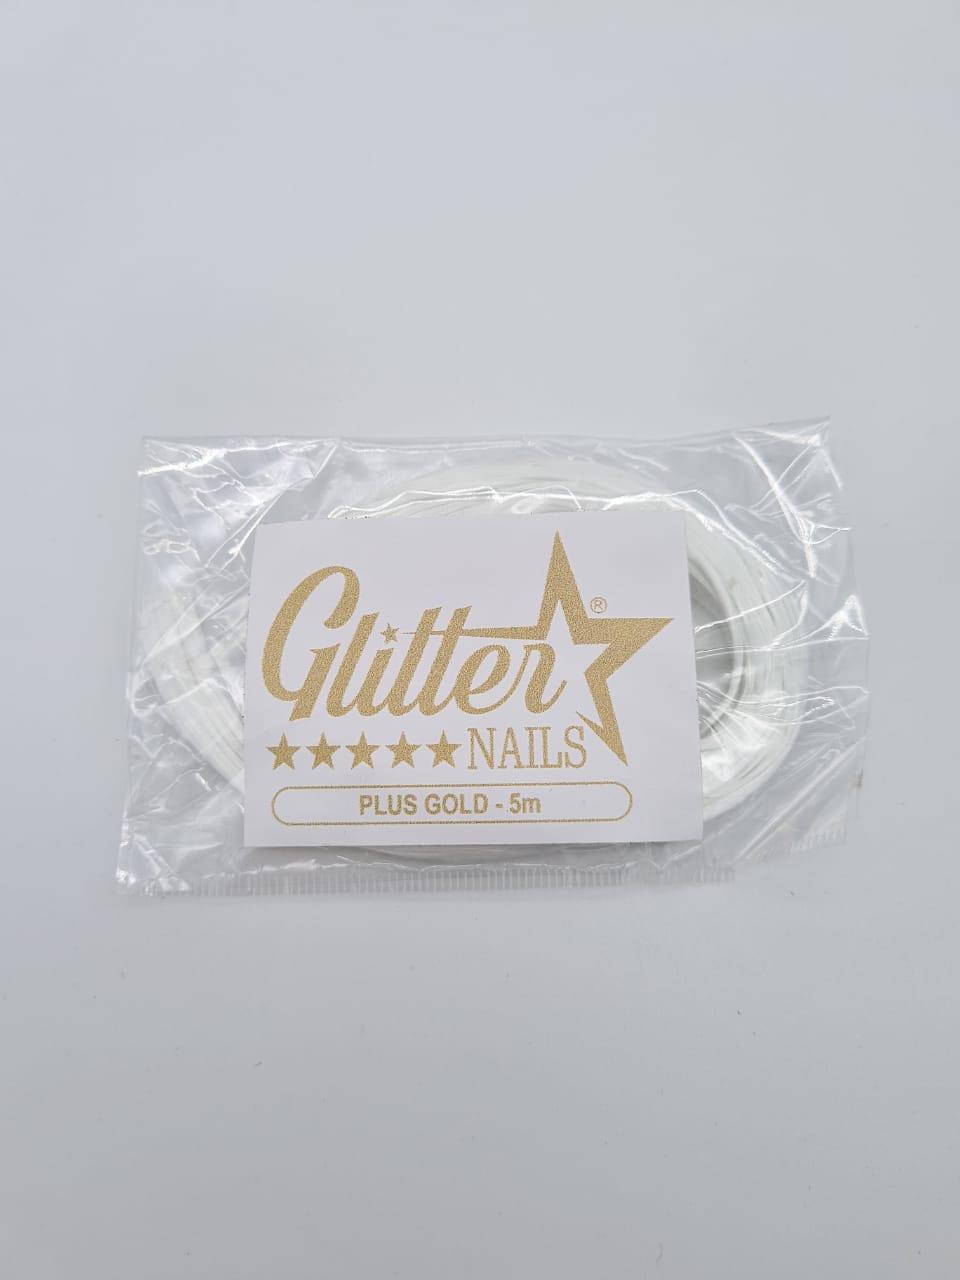 Fibra de Vidro Plus Gold 5m - Glitter Nails